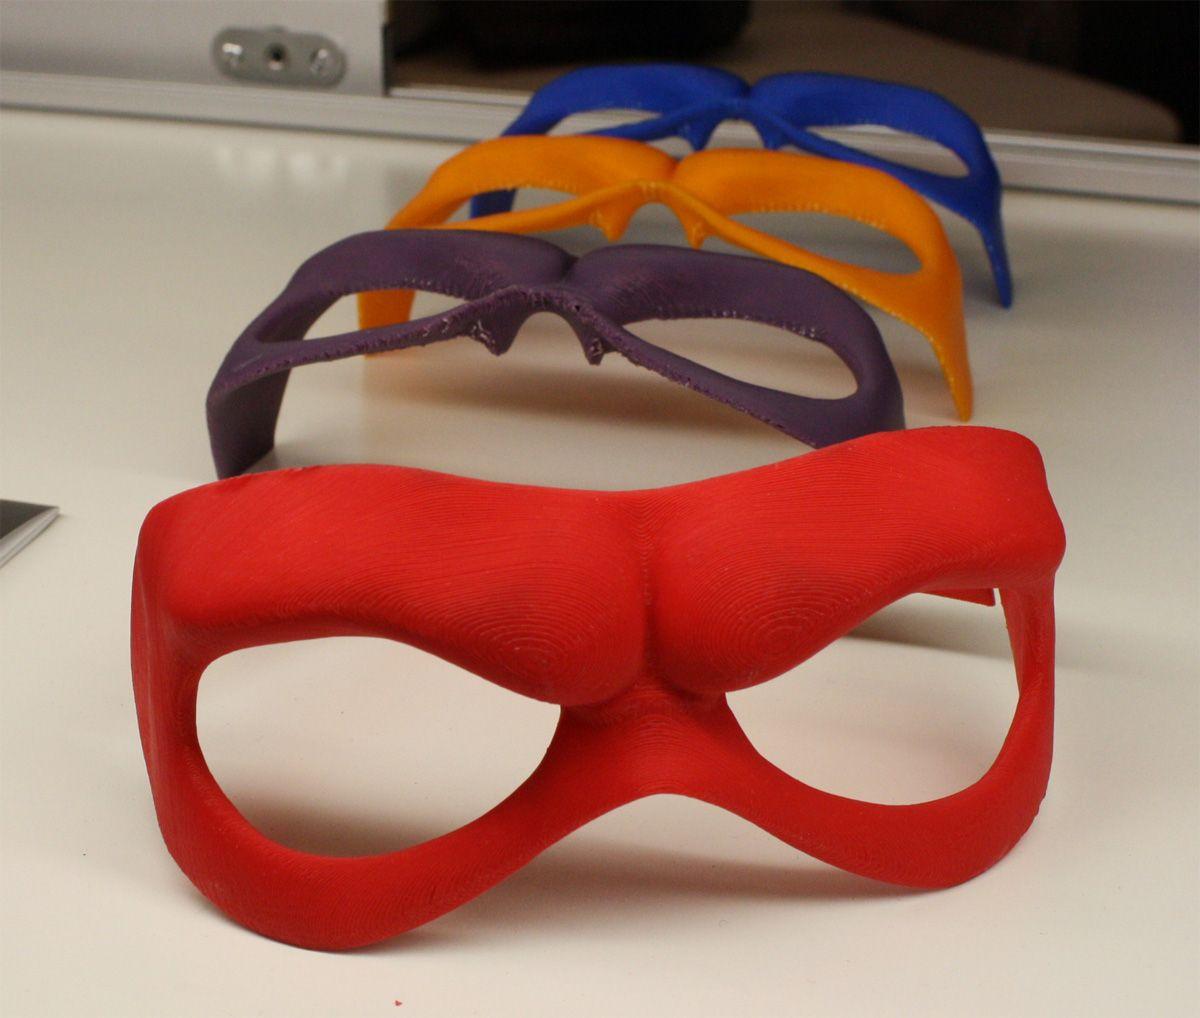 3d Glasses for TEENAGE MUTANT NINJA TURTLES and MINIONS ...